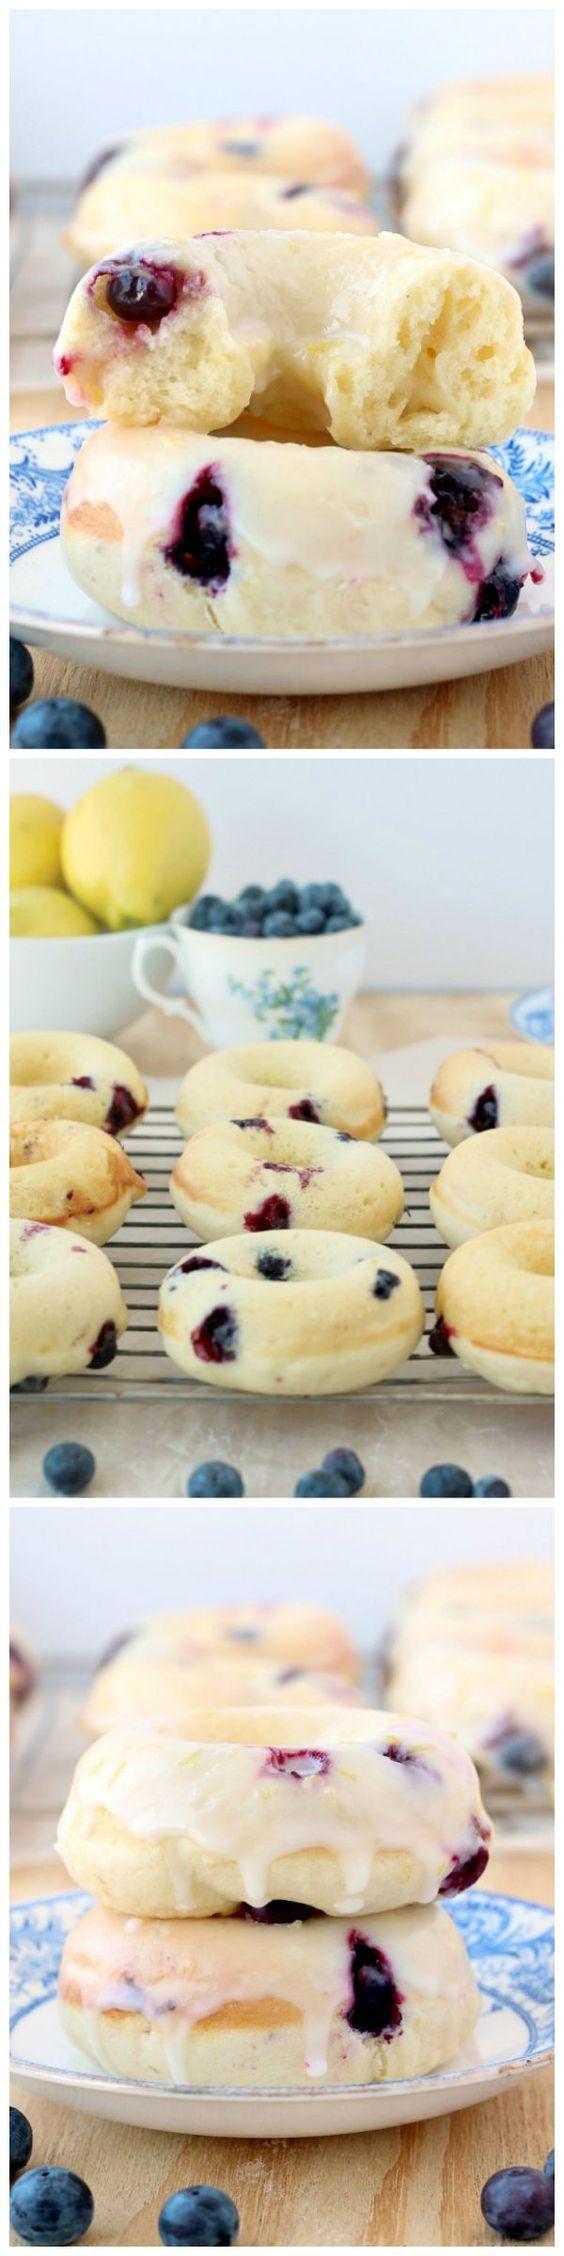 Baked Lemon Blueberry Doughnuts #brunch